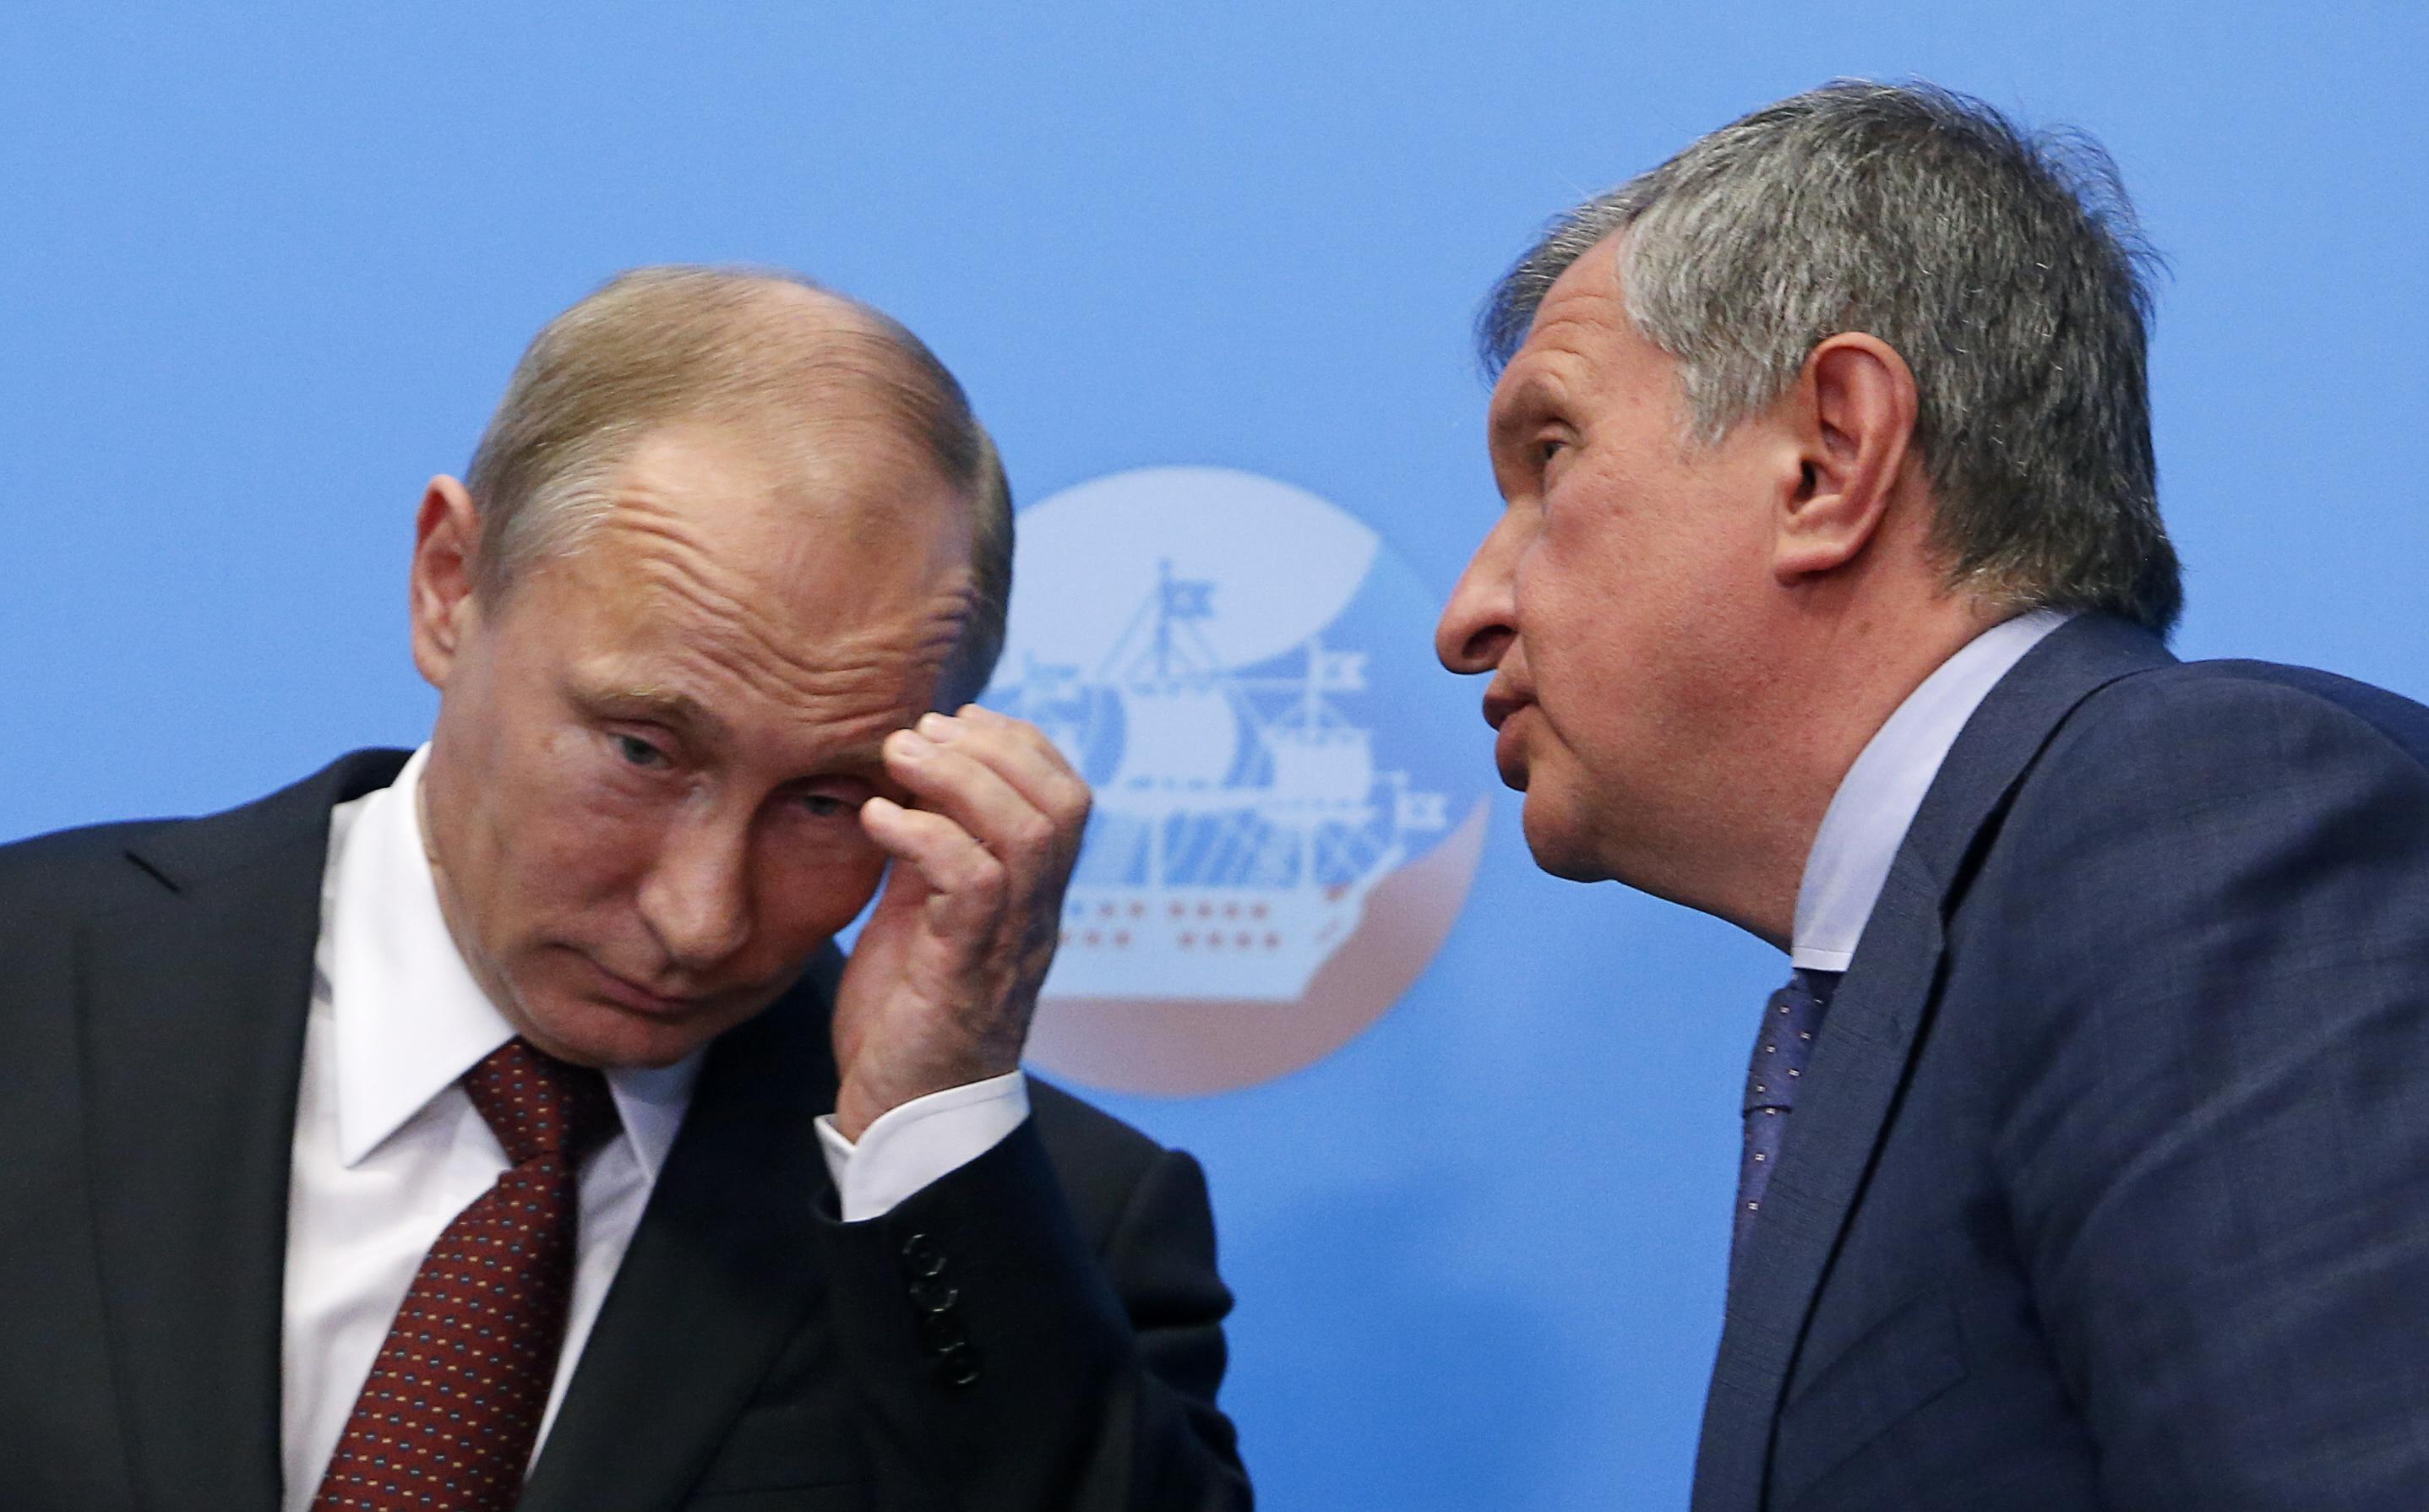 Игорь Сечин первый возле Владимира Путина